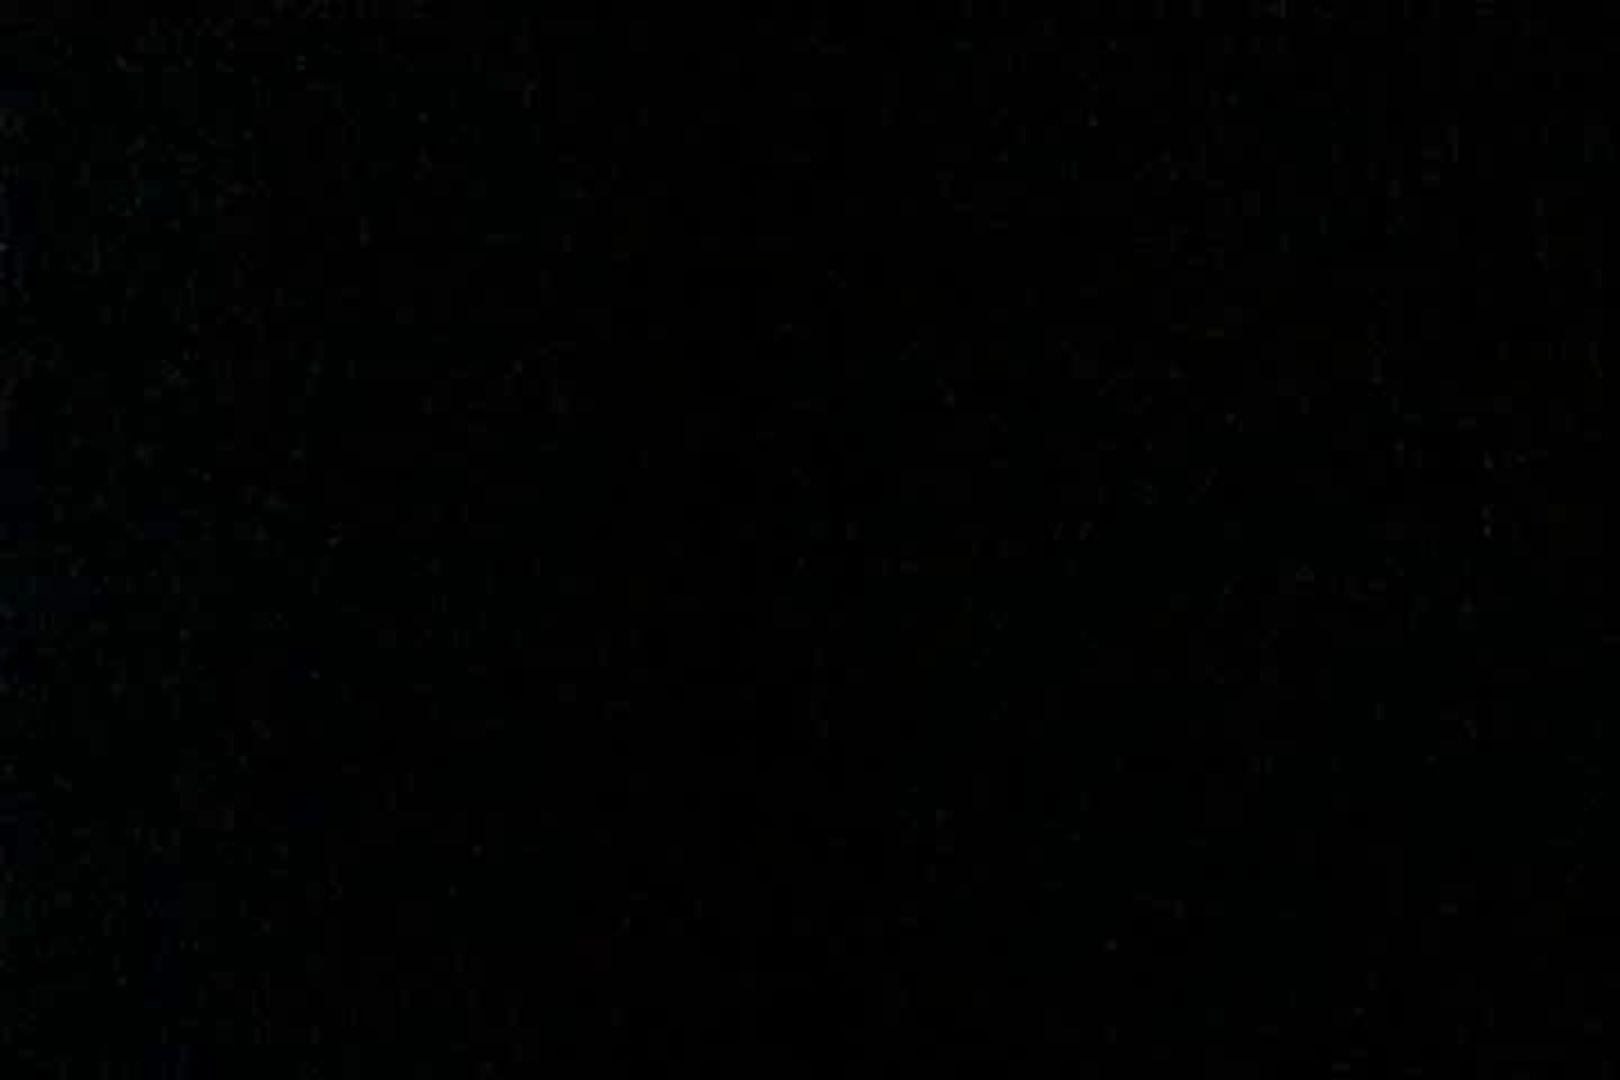 充血監督の深夜の運動会Vol.137 マンコ AV無料動画キャプチャ 98pic 14